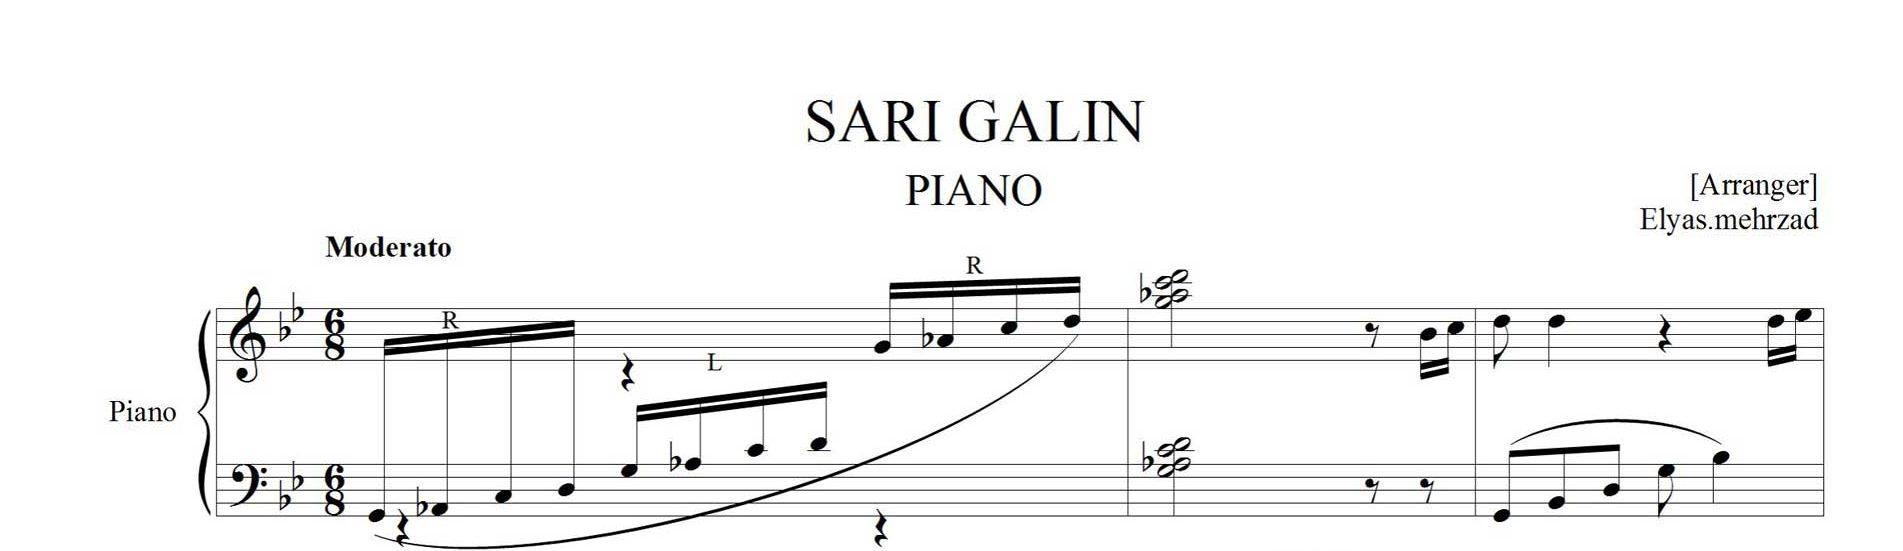 نت پیانوی آهنگ ساری گلین